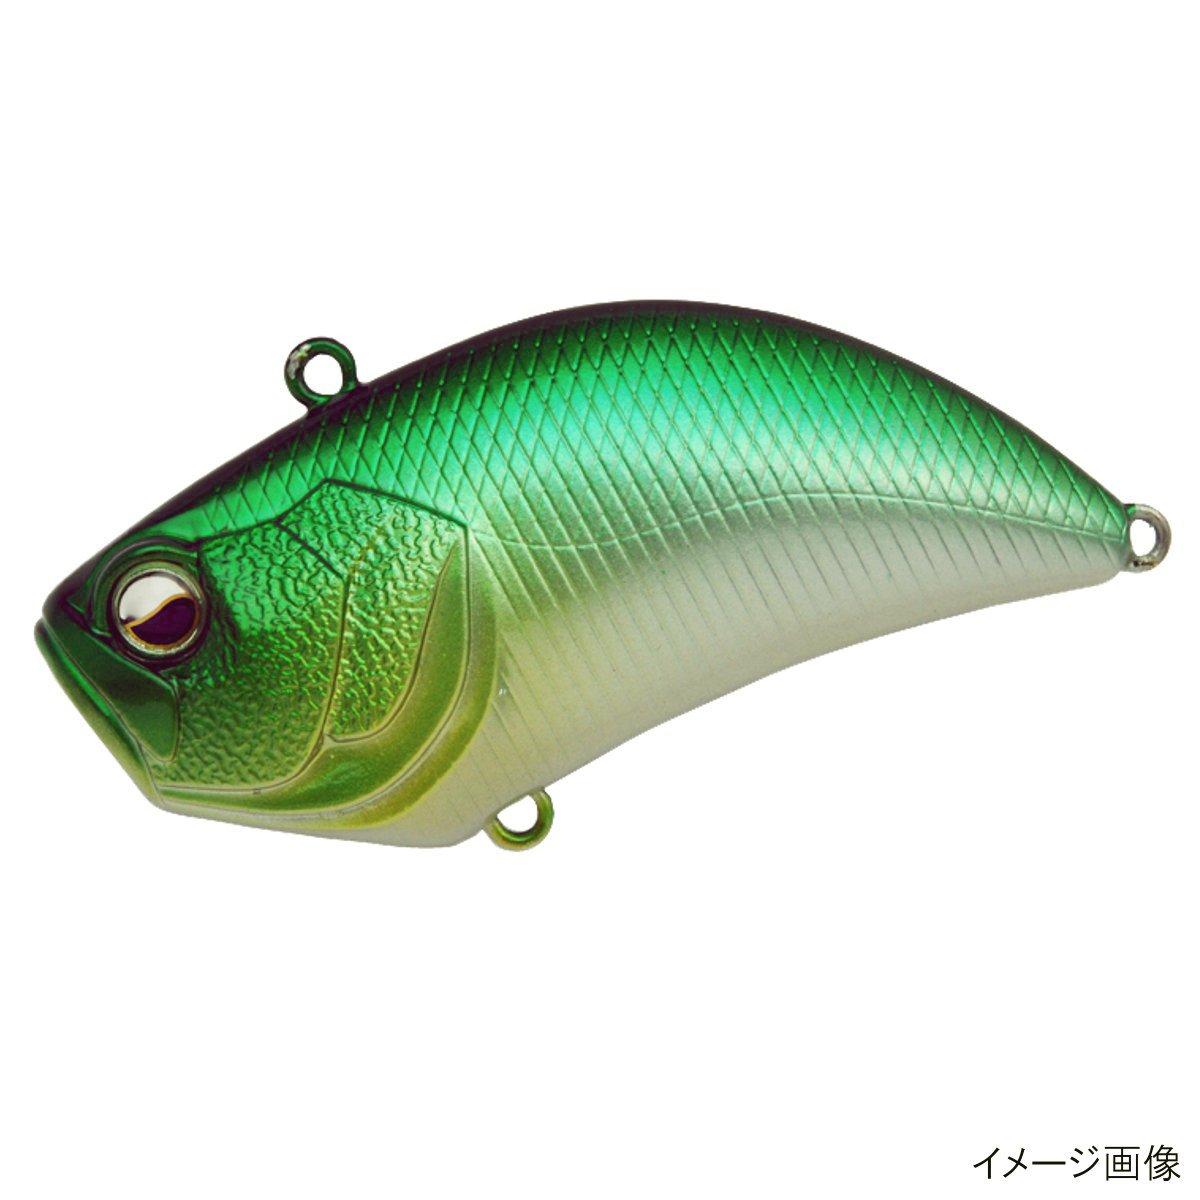 レイドジャパン レベルバイブ LV035.NATURAL BAIT【ゆうパケット】